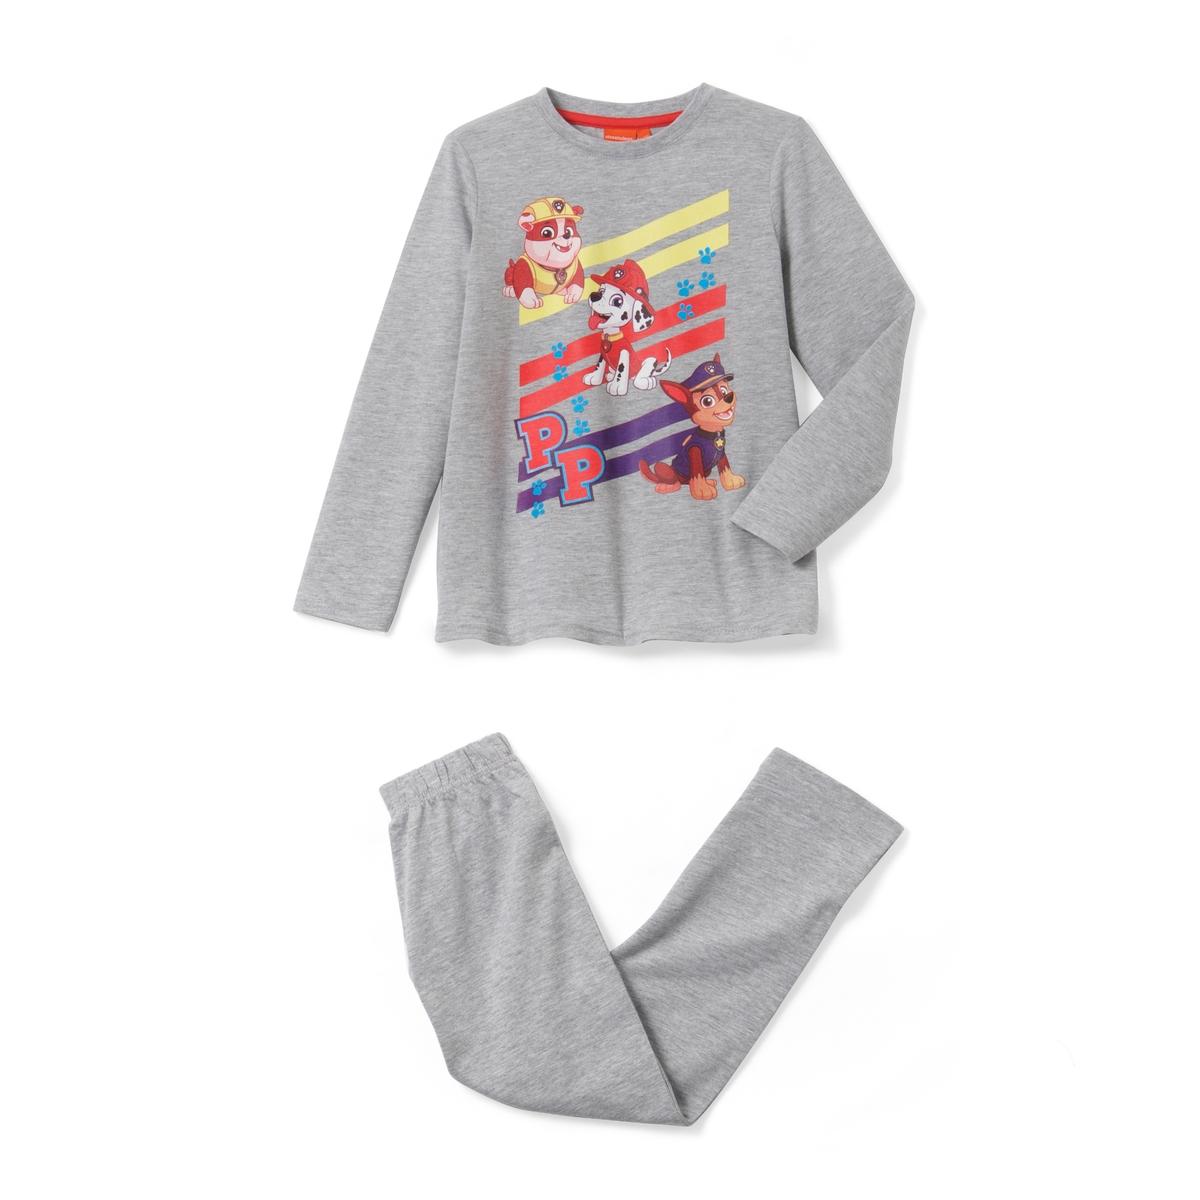 Пижама с принтом, Pat Patrouille, длинные рукава